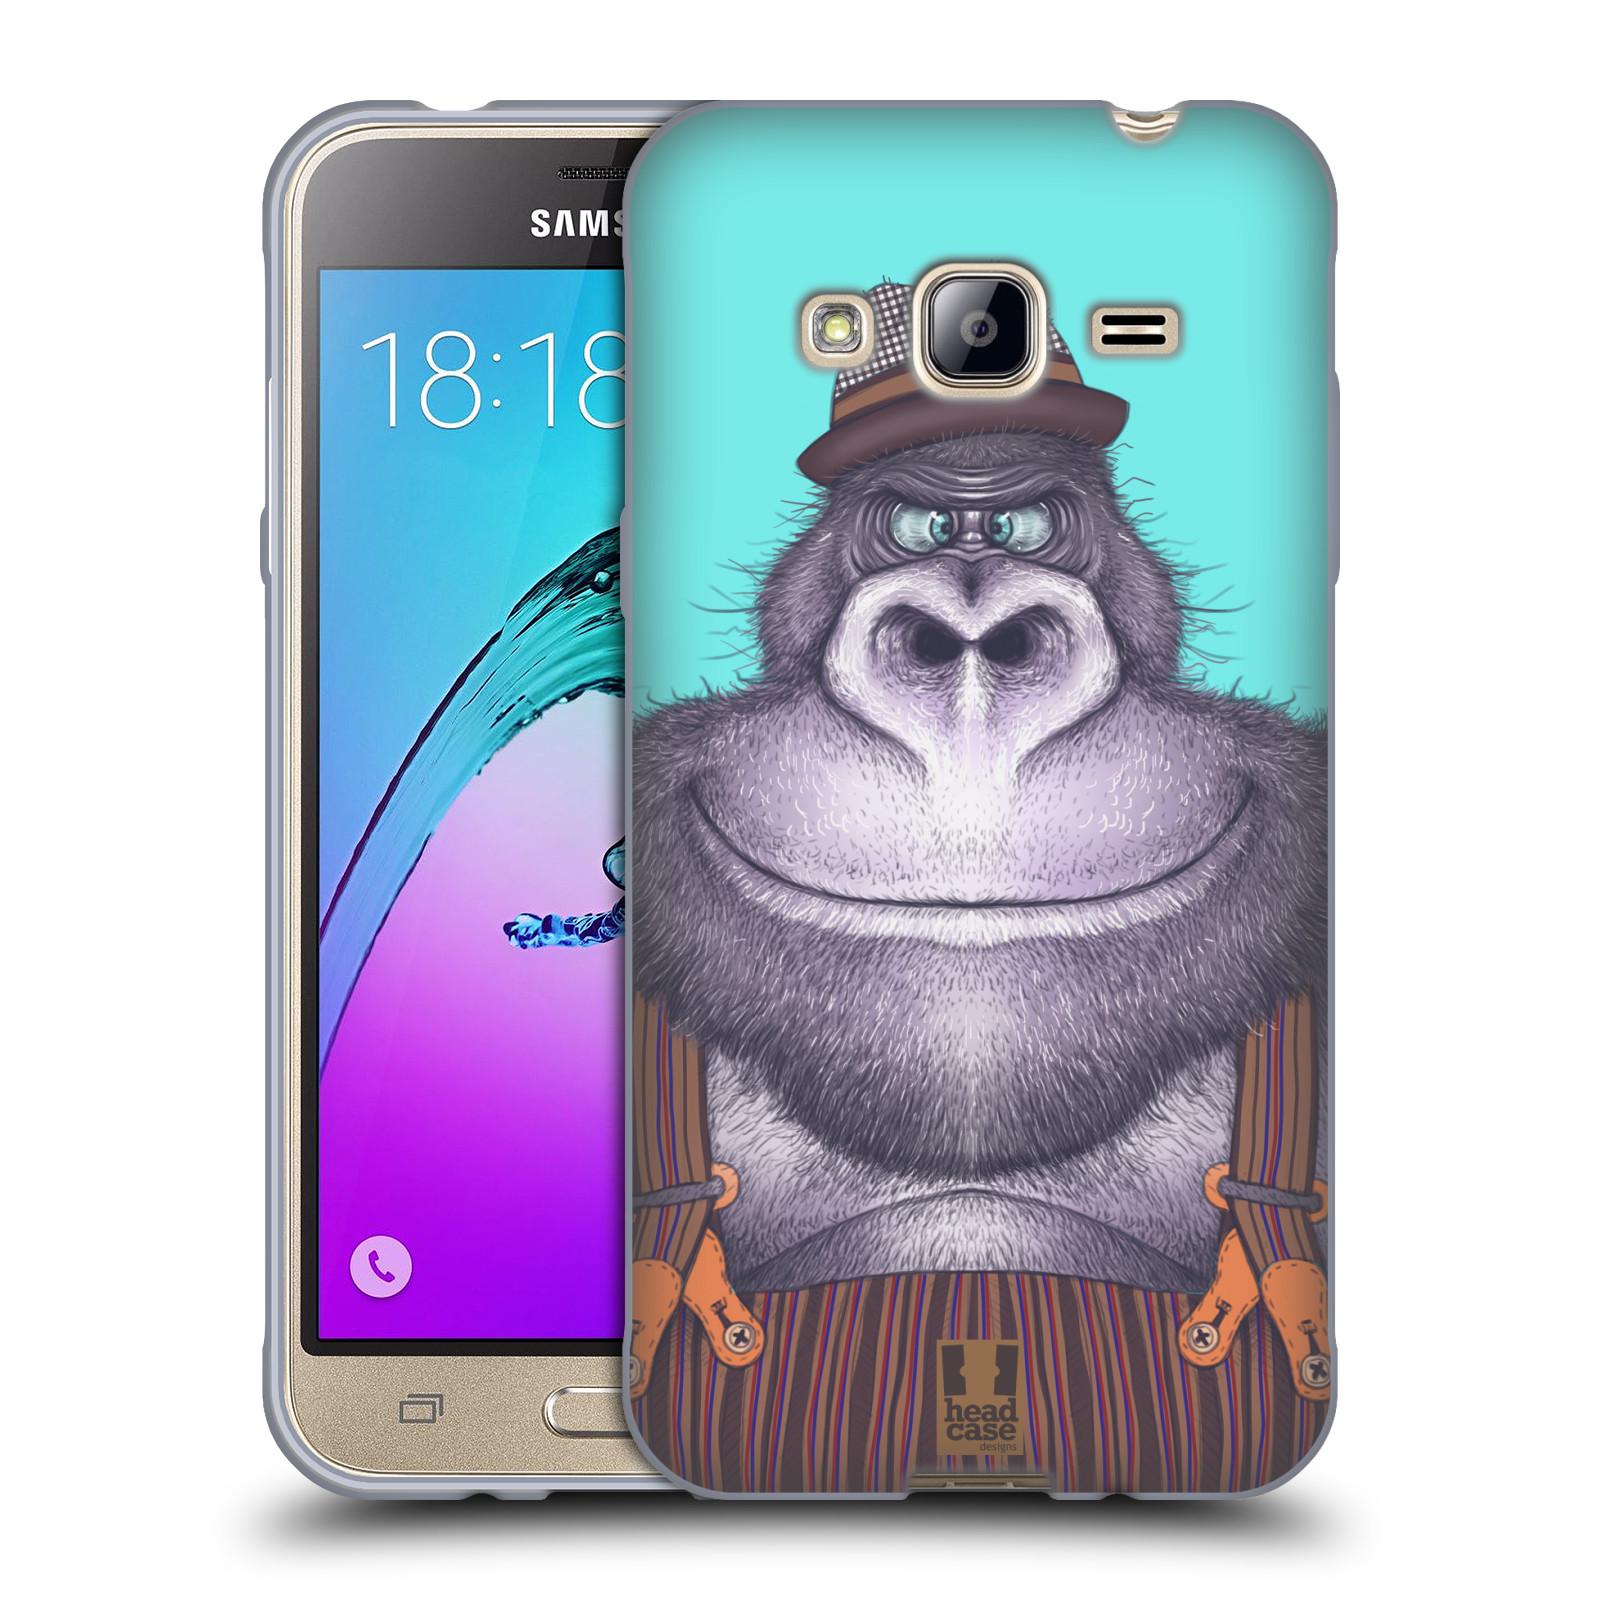 HEAD CASE silikonový obal na mobil Samsung Galaxy J3, J3 2016 vzor Kreslená zvířátka gorila